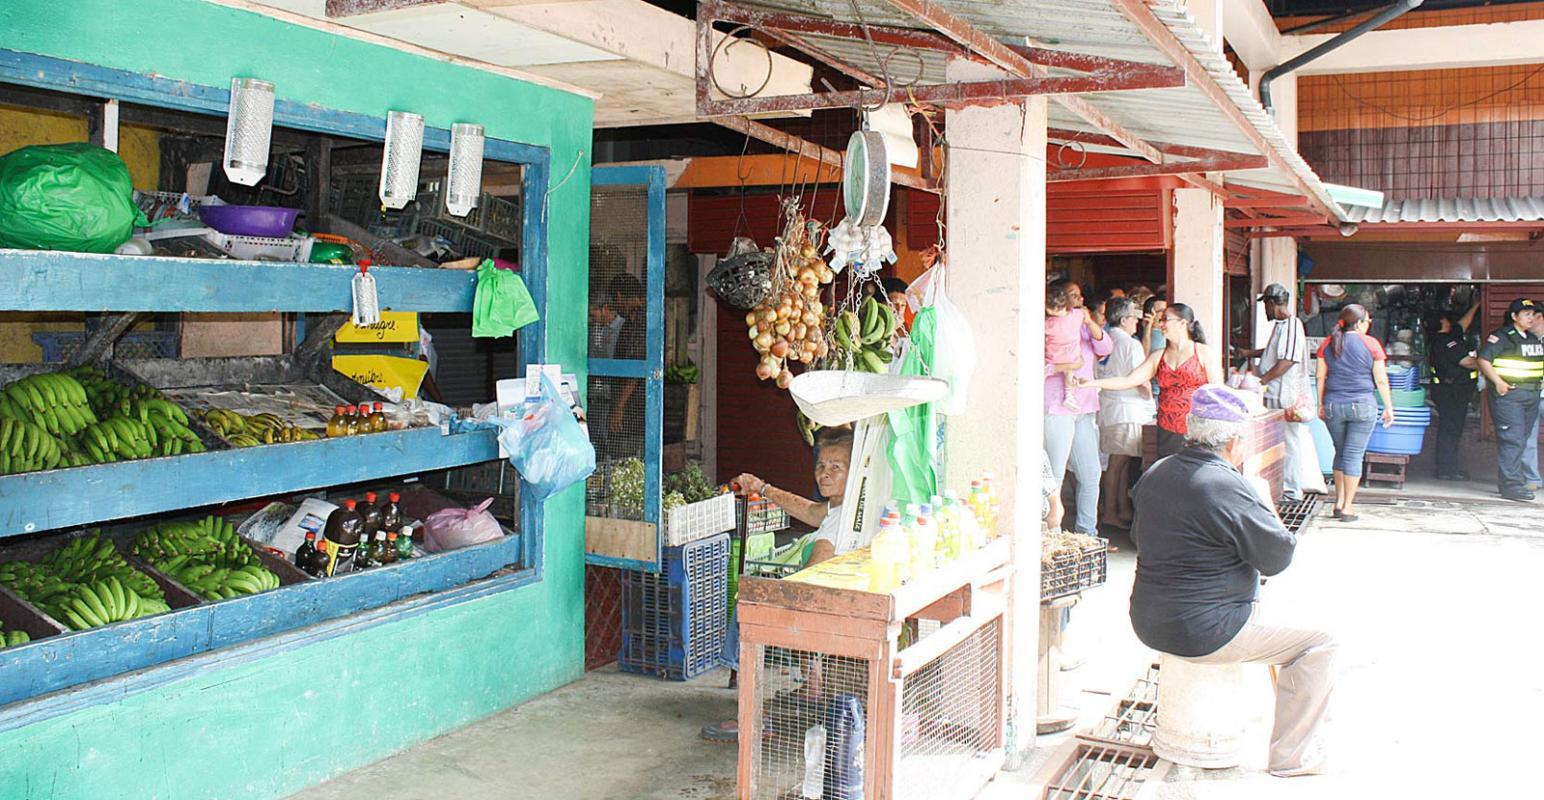 Reparaciones en Mercado de Limón arrancan hoy